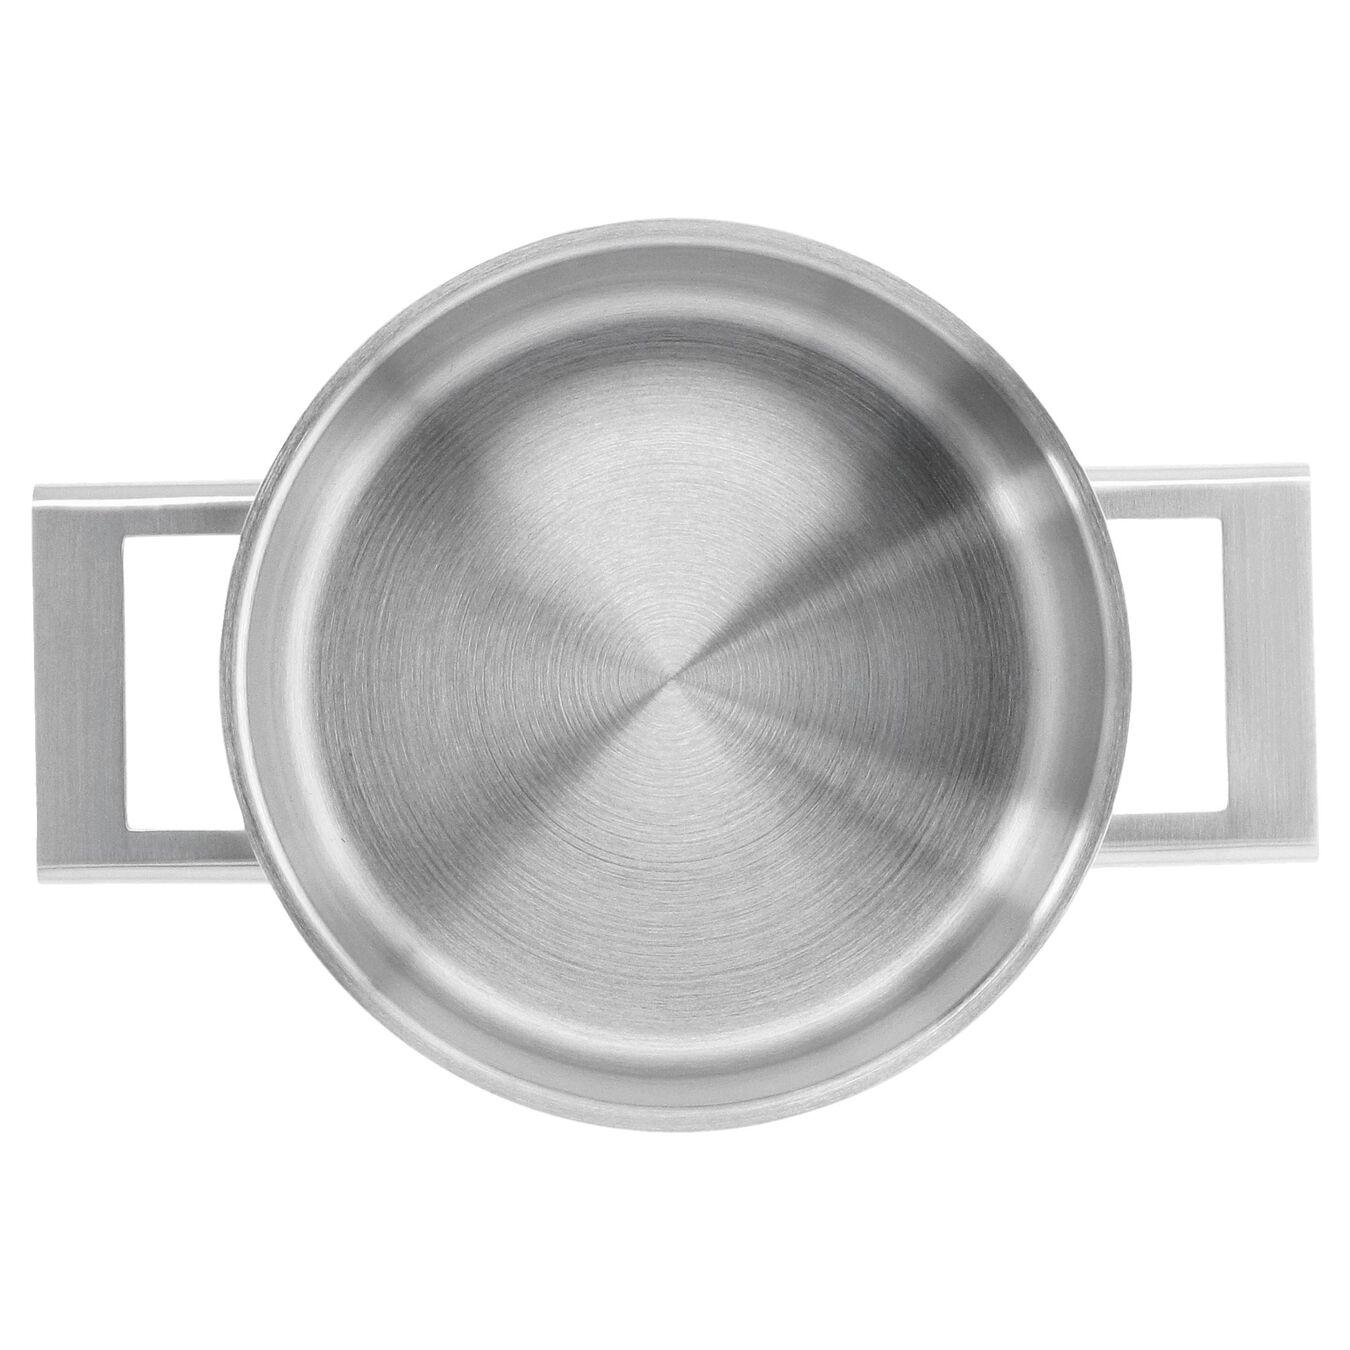 Kookpan met dubbelwandig deksel 16 cm / 1.5 l,,large 2